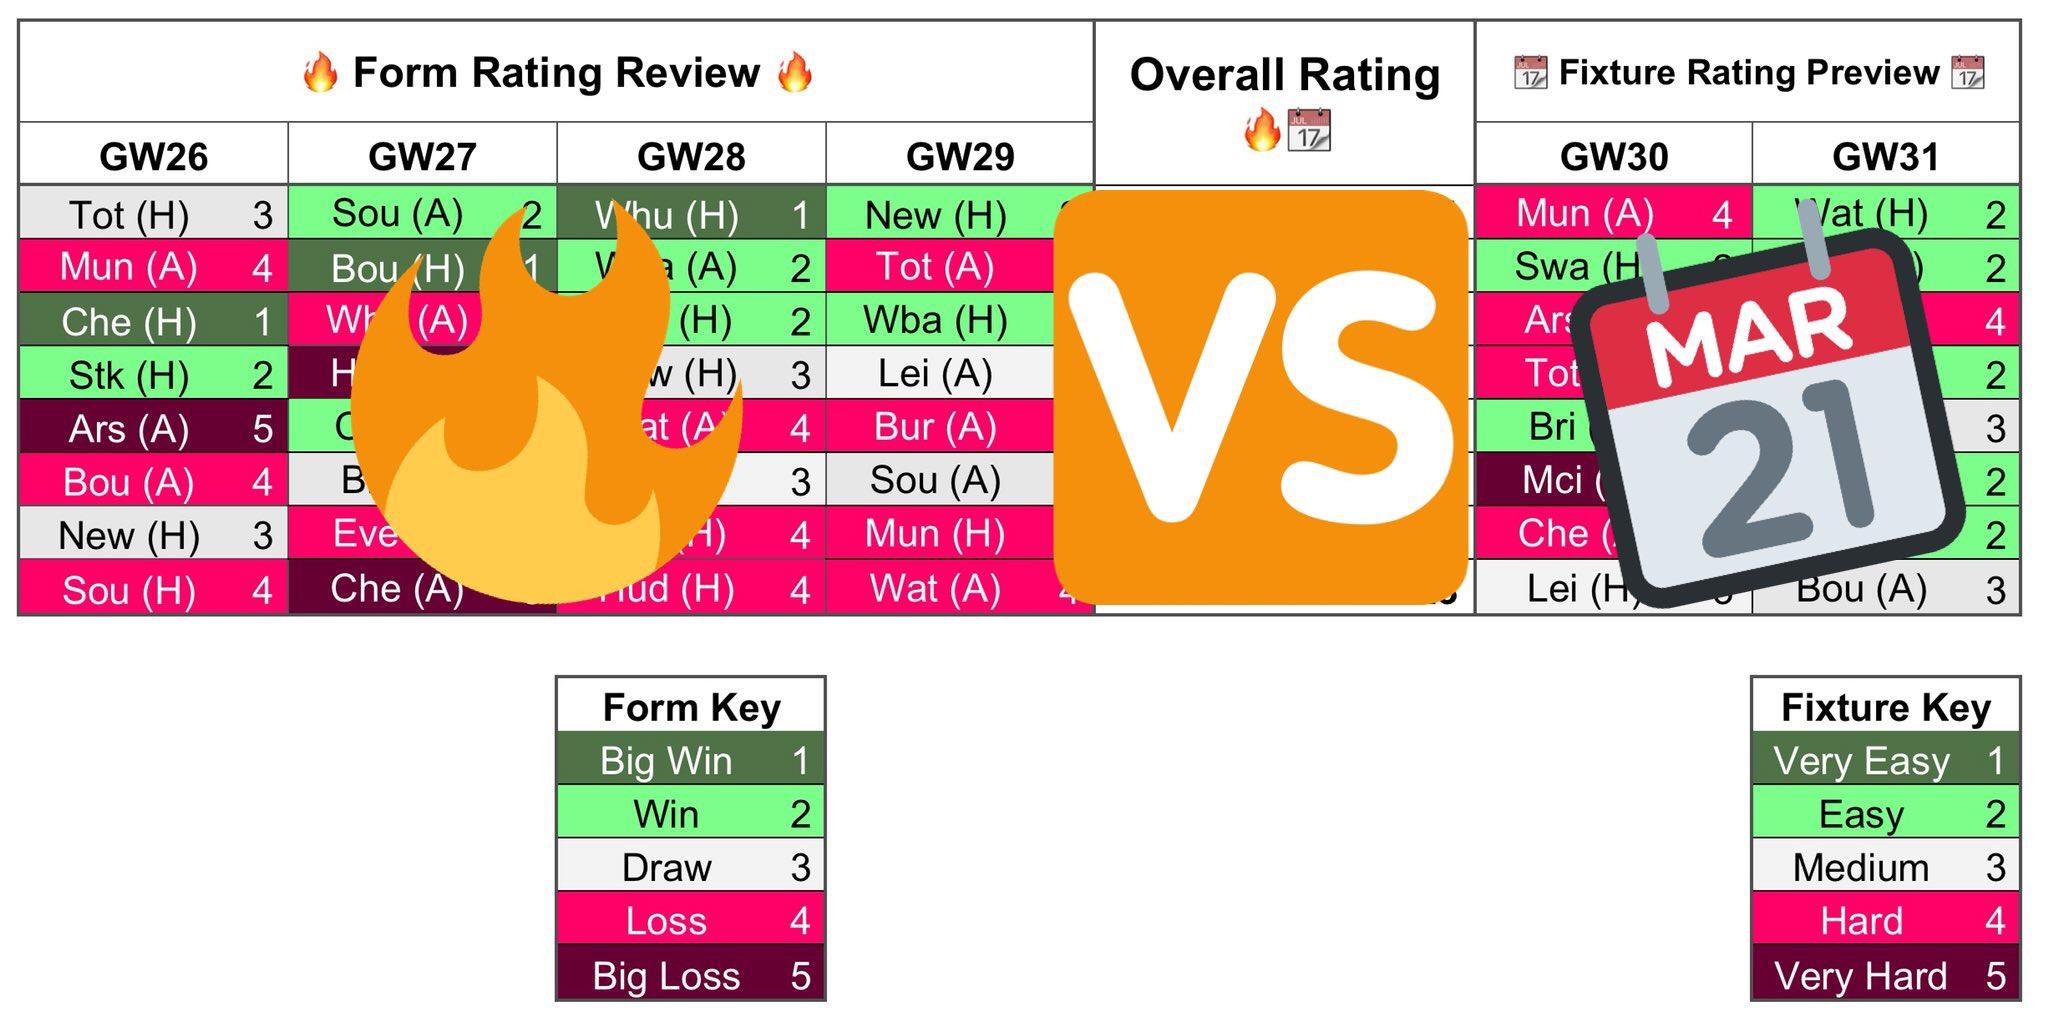 Gameweek 30 Charts